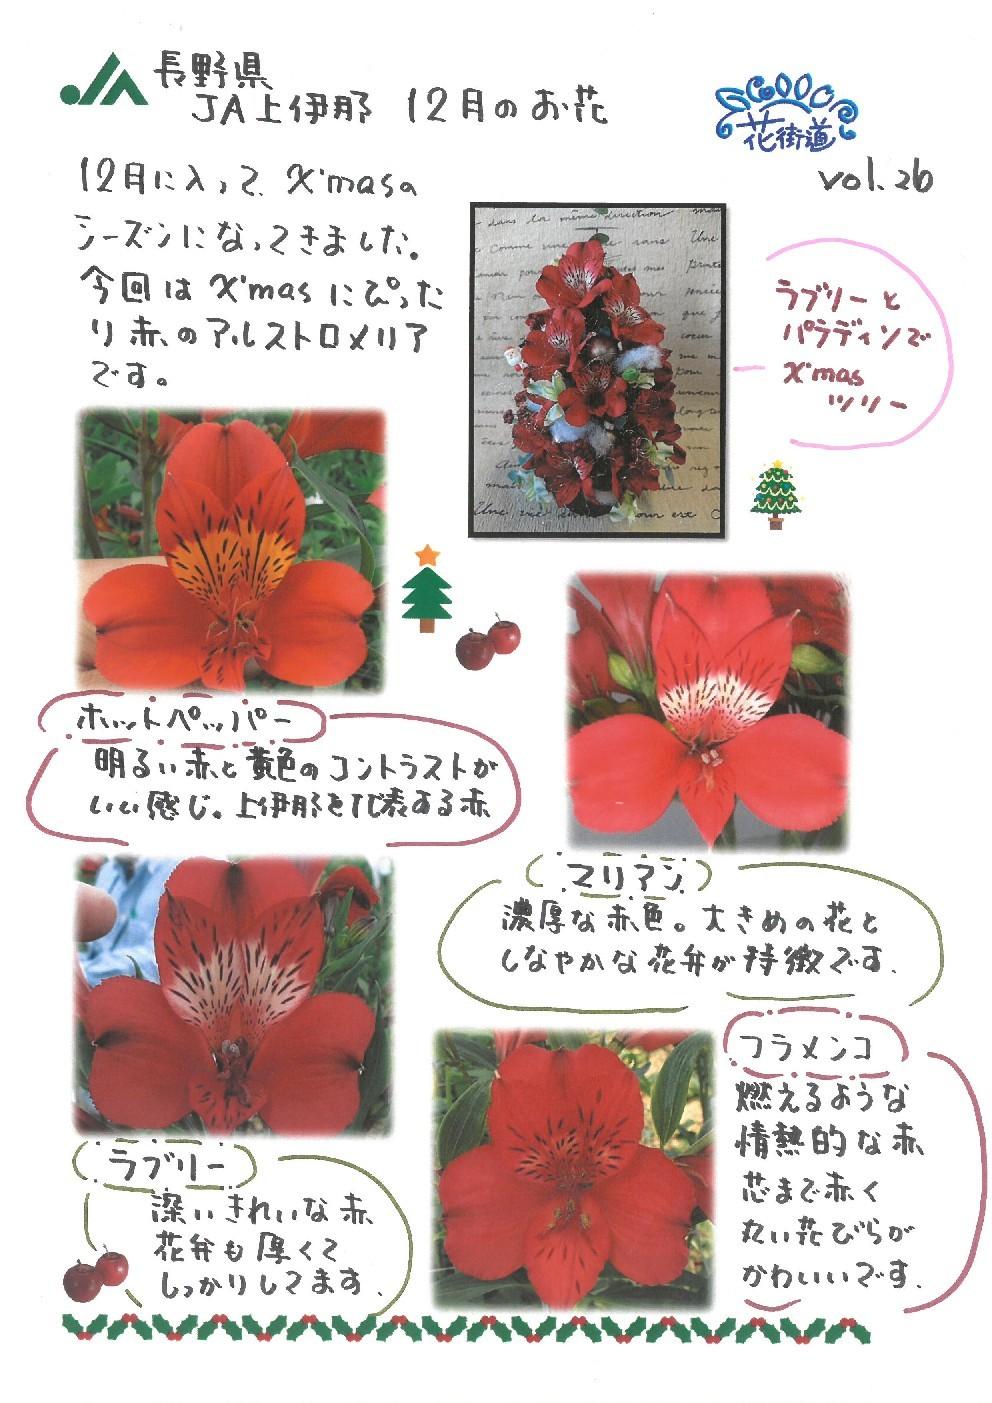 ✨🎄✨真っ赤なお花の~🎵✨🎄✨_d0062298_07305830.jpg